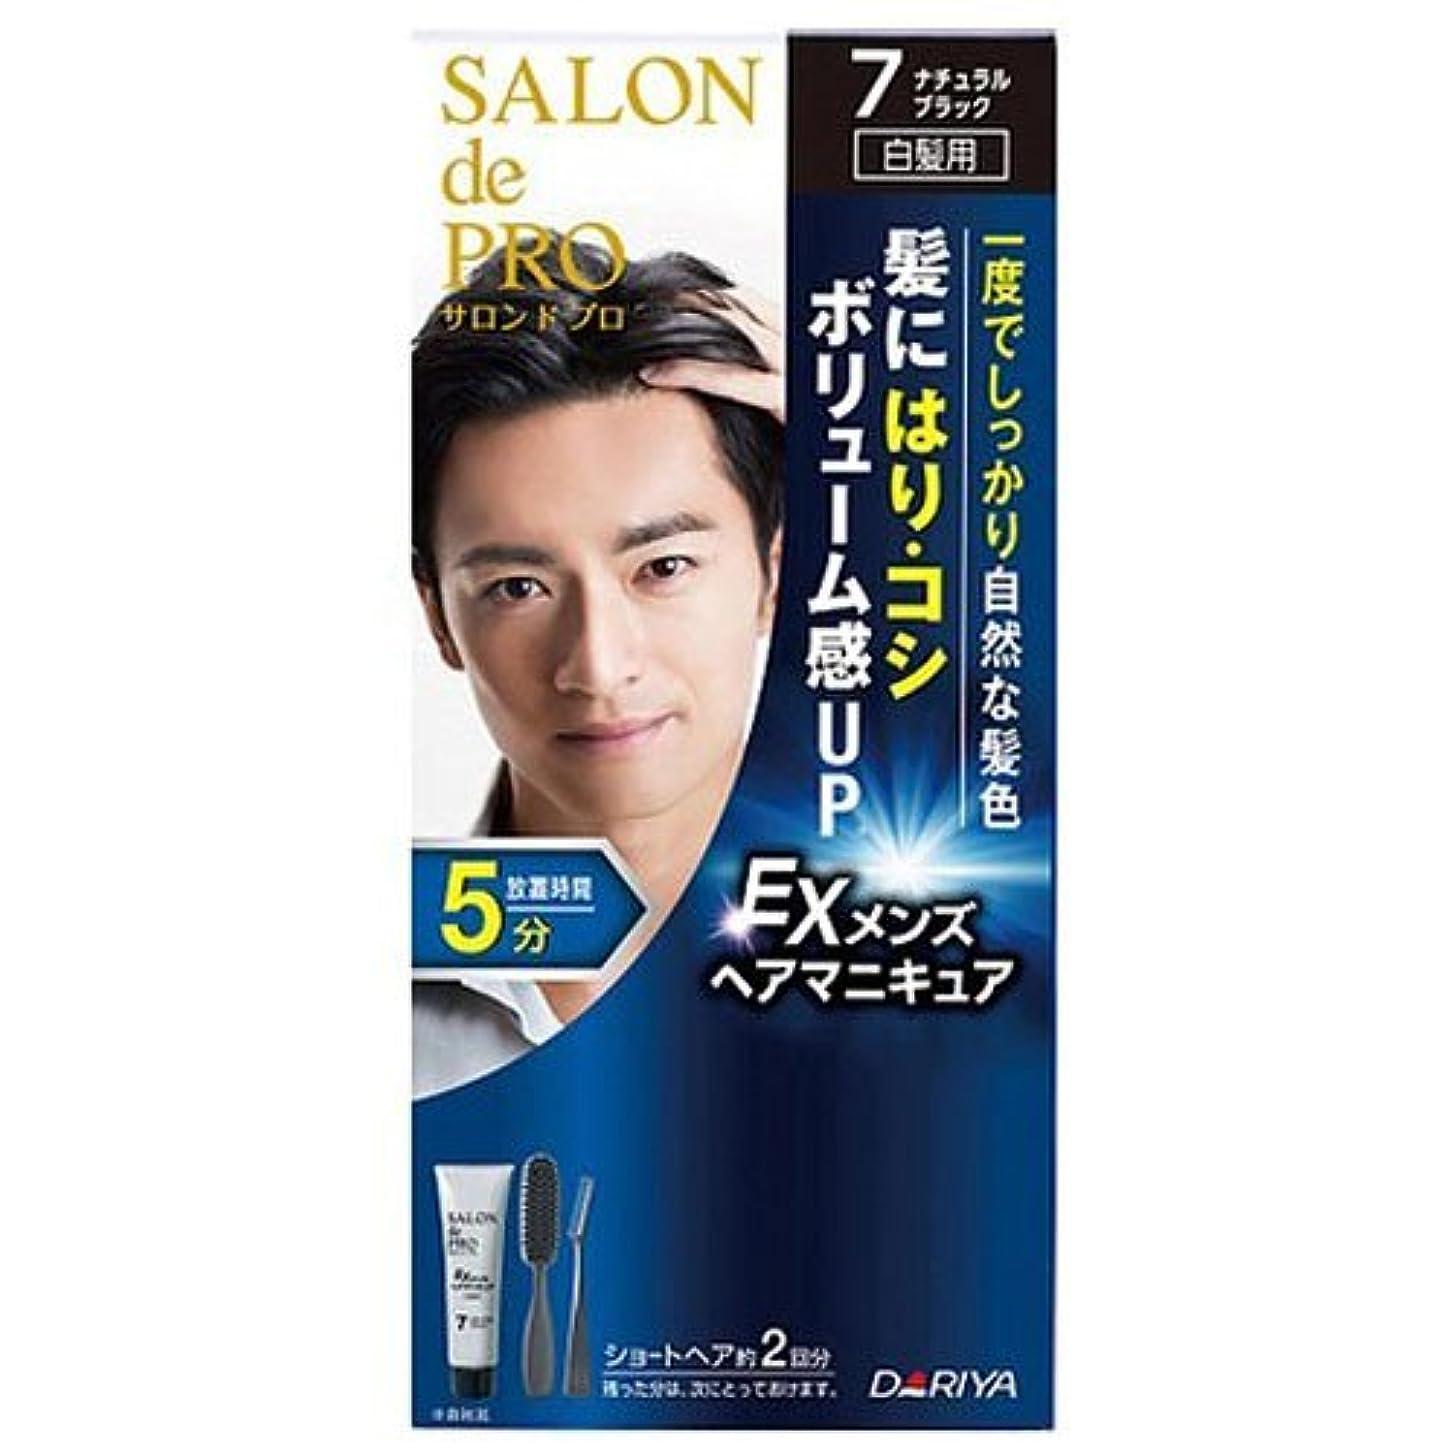 ビルマ死すべき参照サロンドプロ EXメンズヘアマニキュア 白髪用 7 ナチュラルブラック